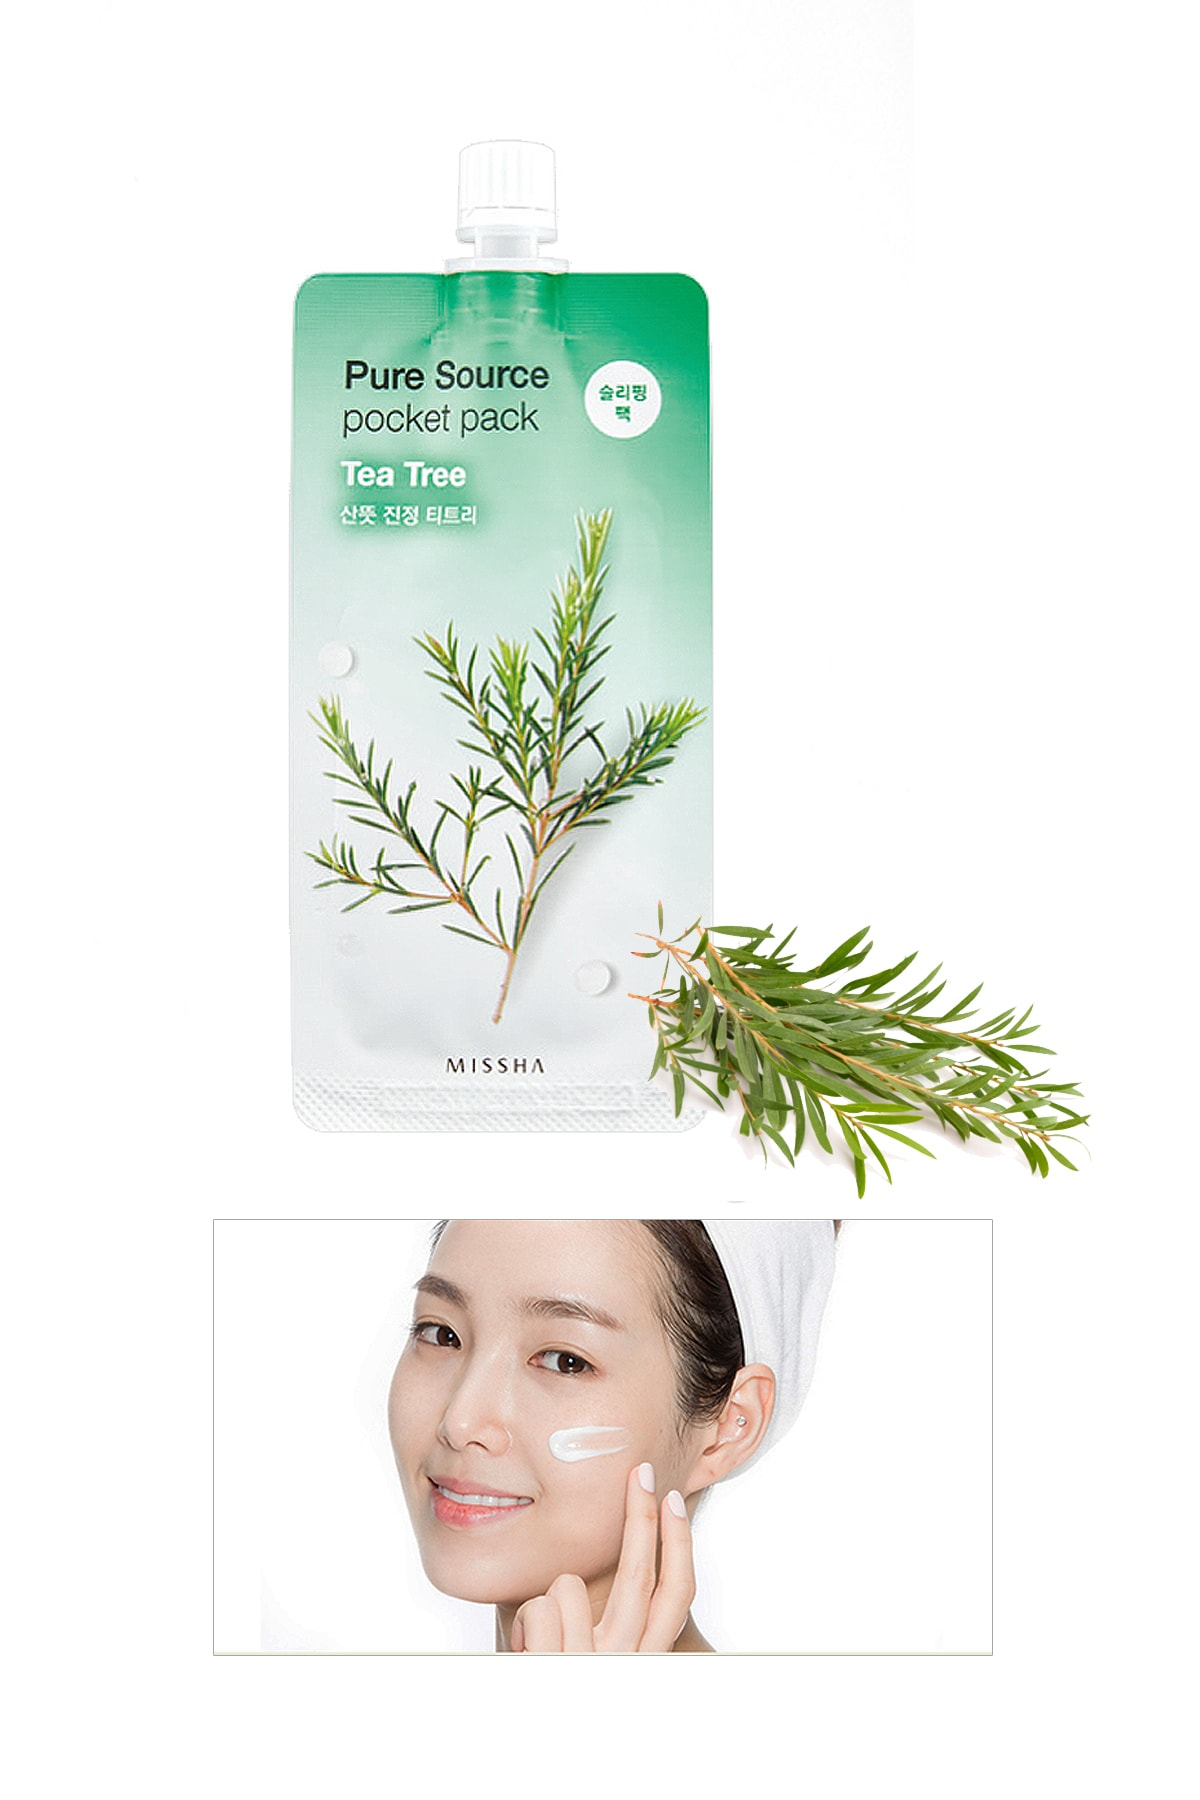 Missha Sivilceli Ciltler İçin Çay Ağacı Yağı Uyku Maskesi 10ml Pure Source Pocket Pack Tea Tree